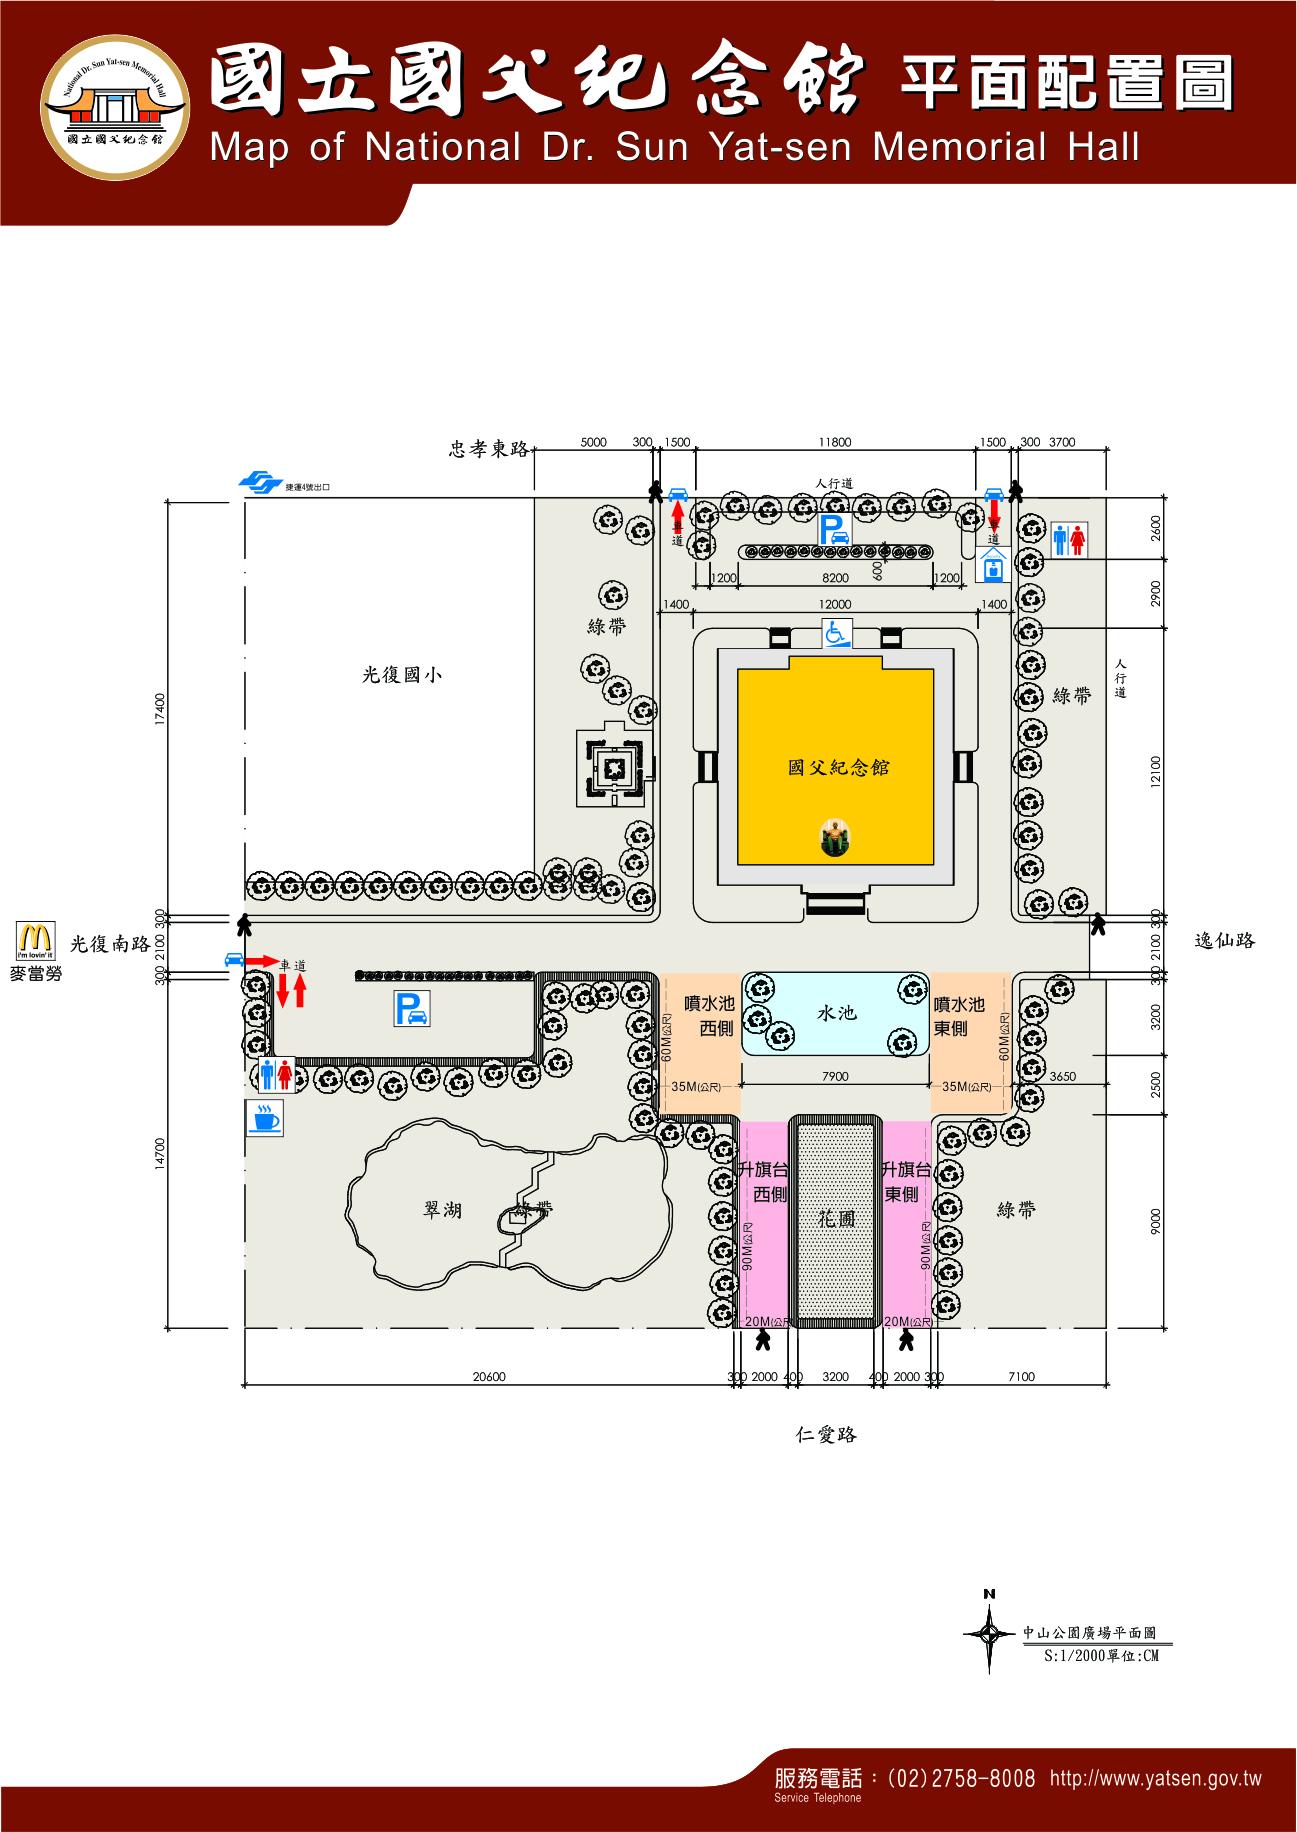 館景平面圖